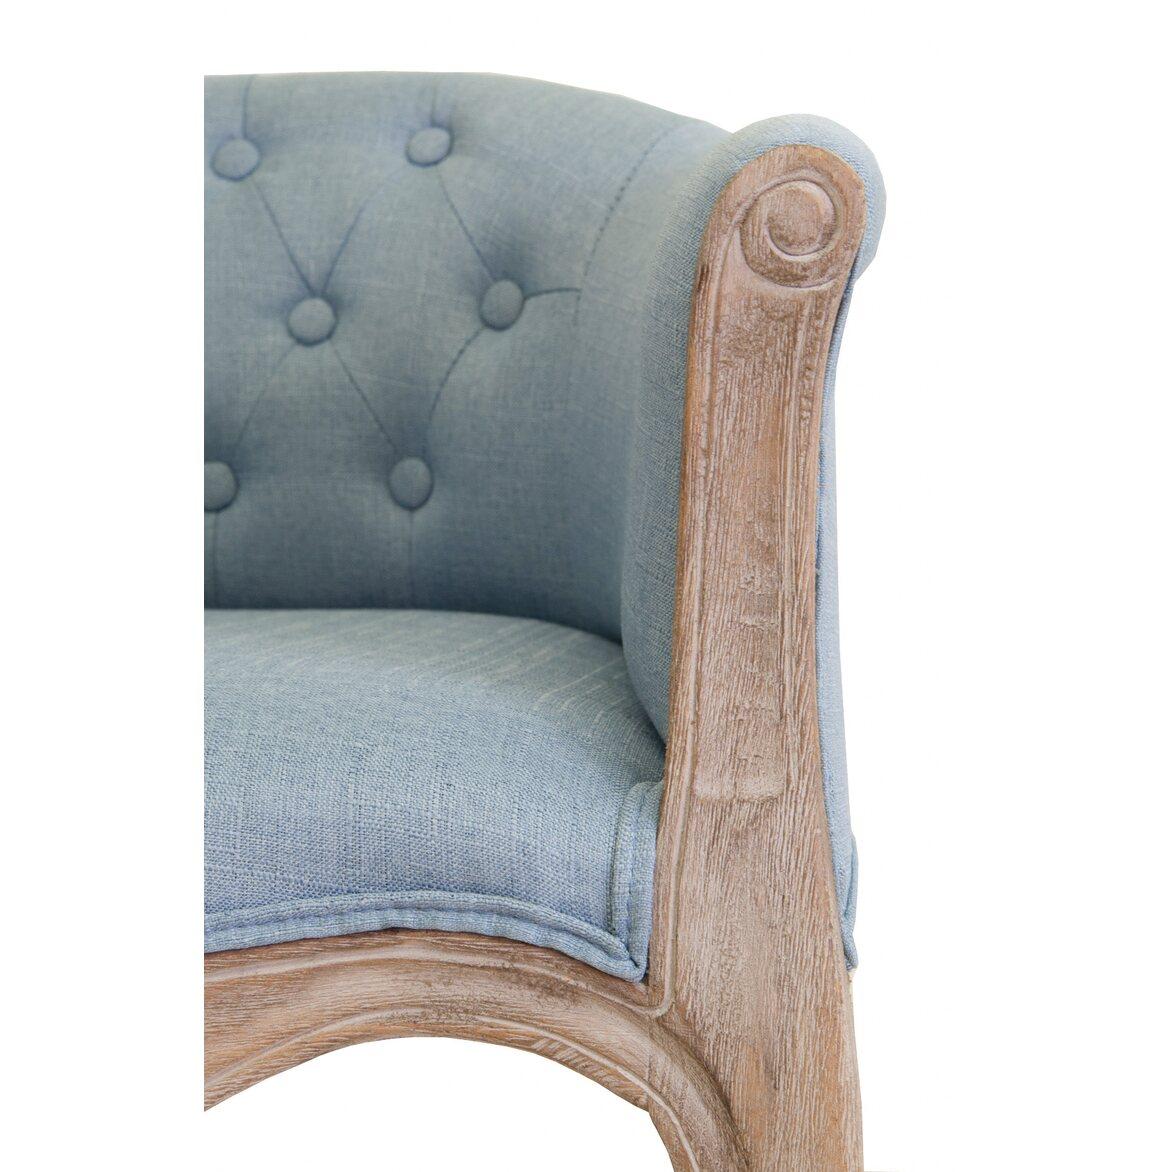 Низкое кресло Kandy light blue 5 | Маленькие кресла Kingsby